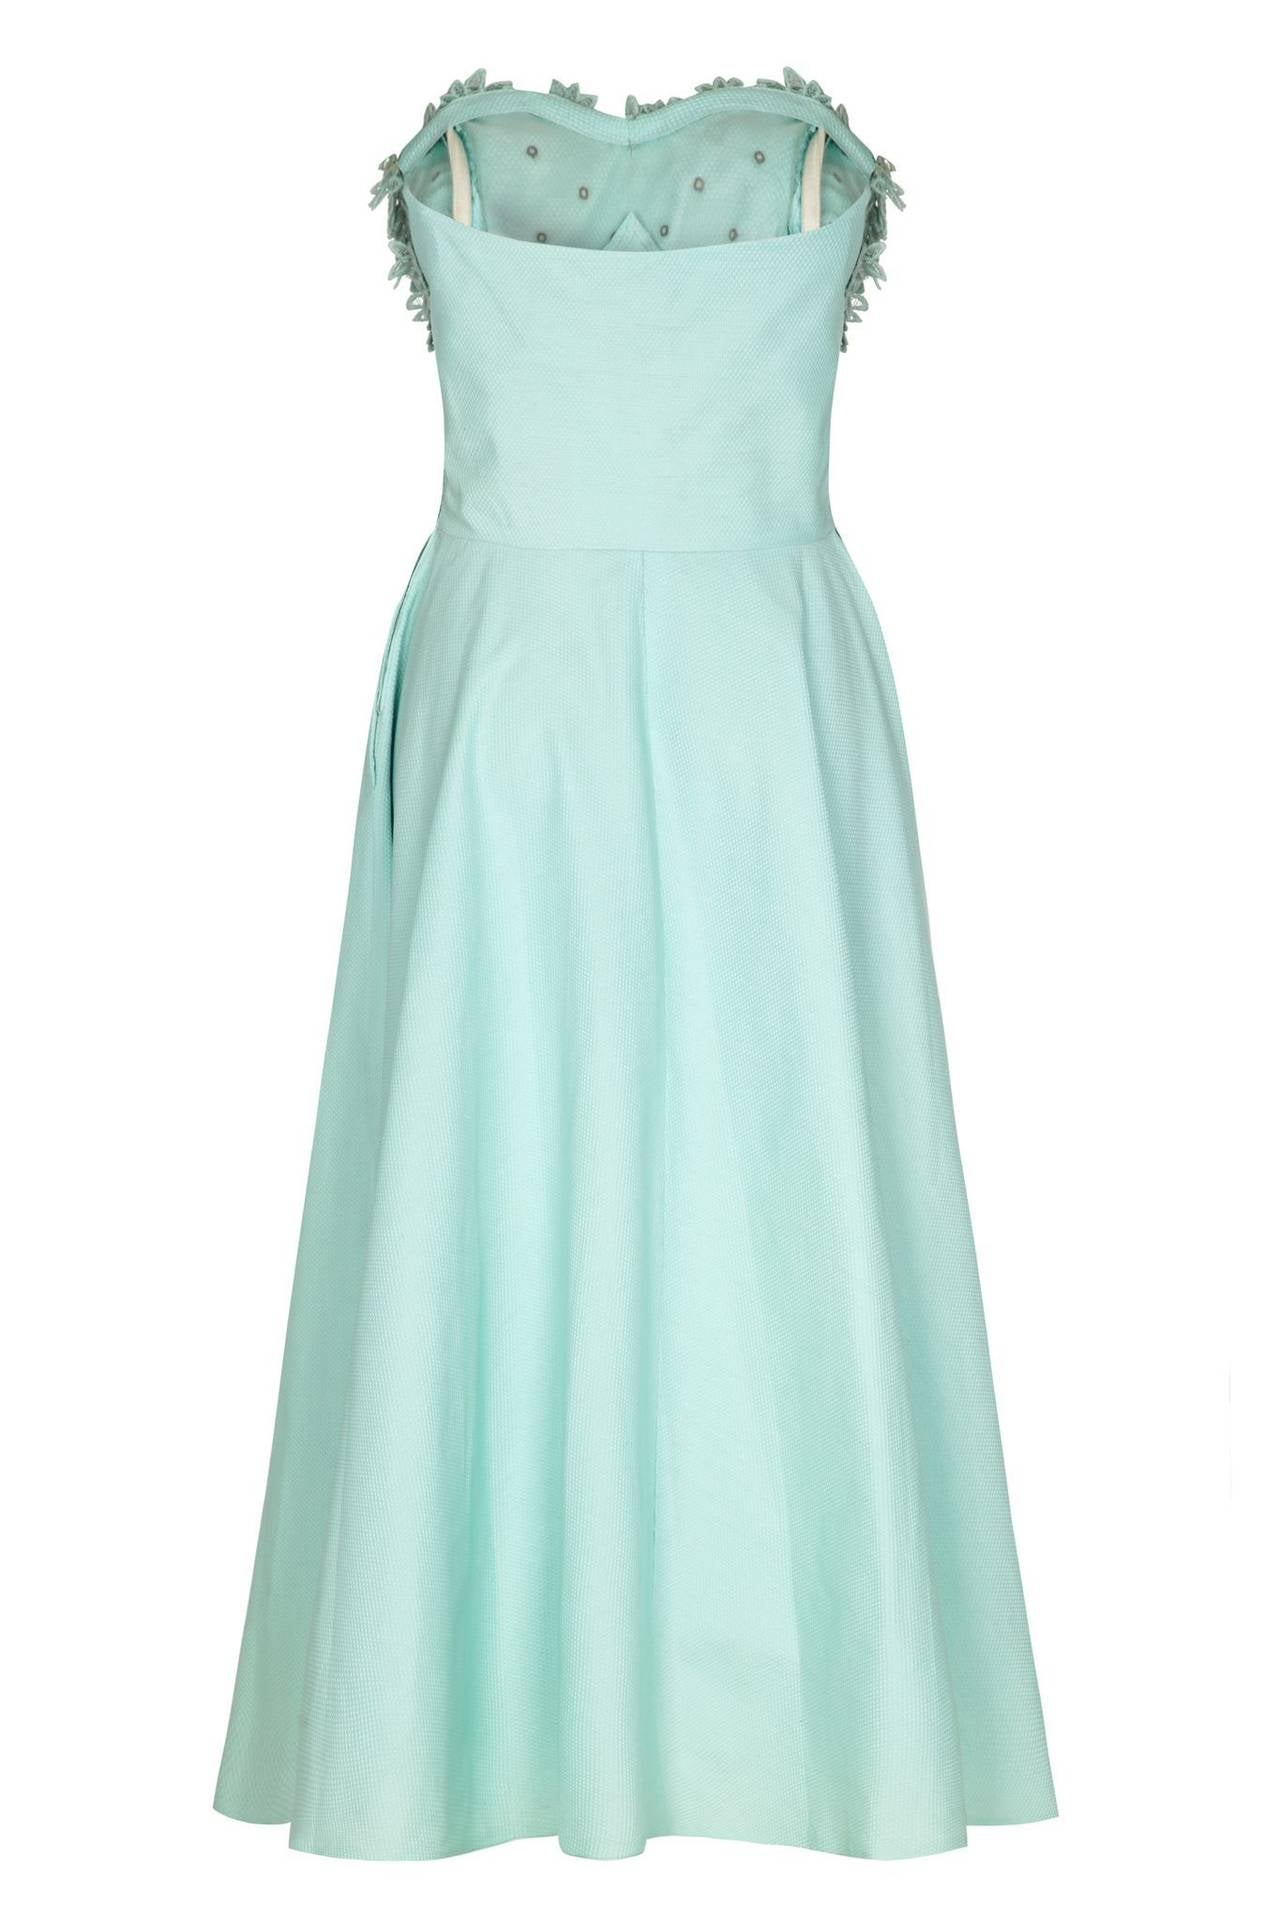 1950s Blue Cotton Dress With Floral Applique Bust 2